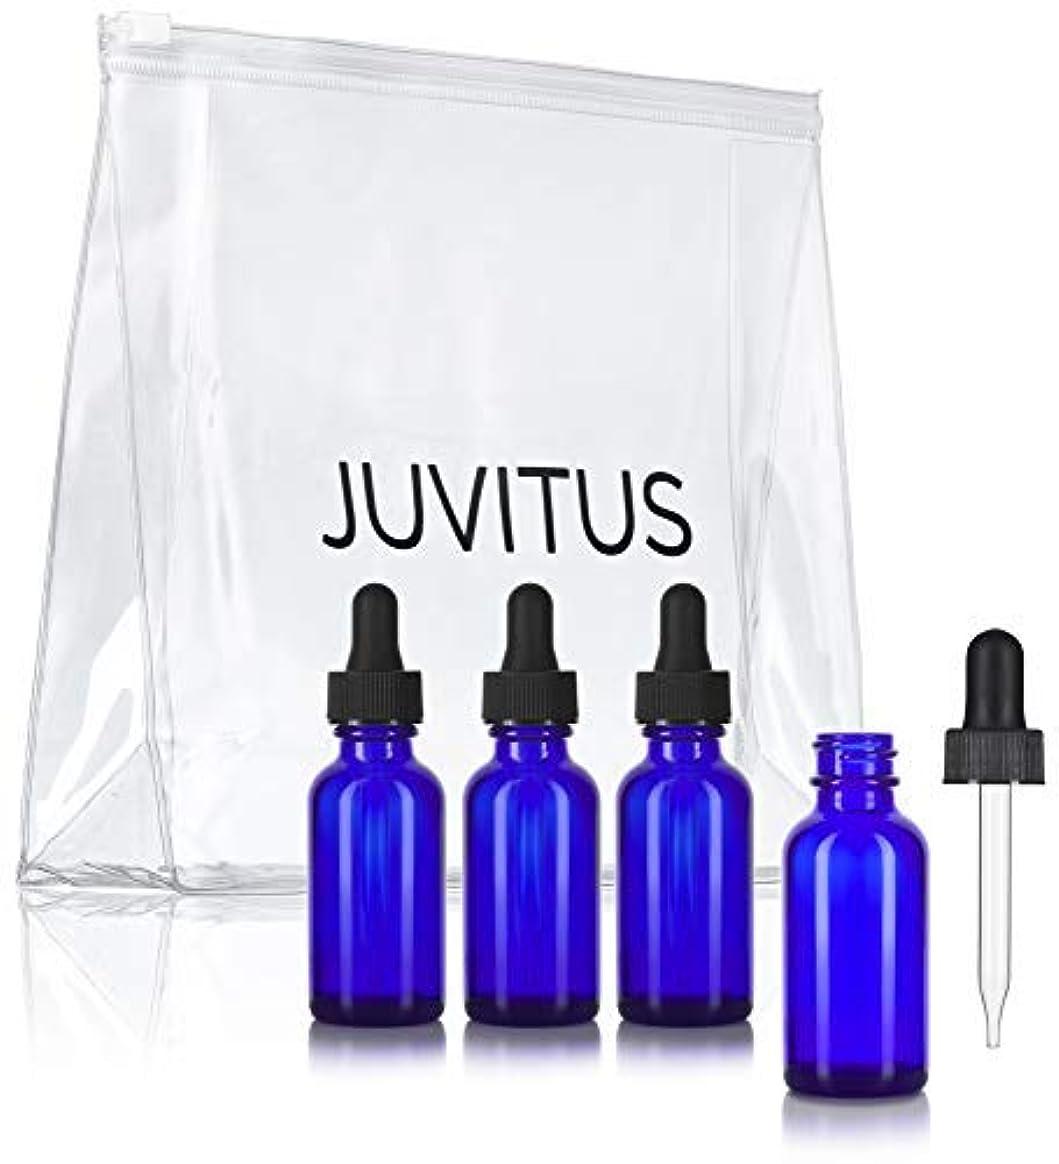 ネックレット信者決定的Cobalt Blue Glass Boston Round Dropper Bottle - 1 oz (4 Pack) + Clear Travel Bag for Essential Oils, Aromatherapy...